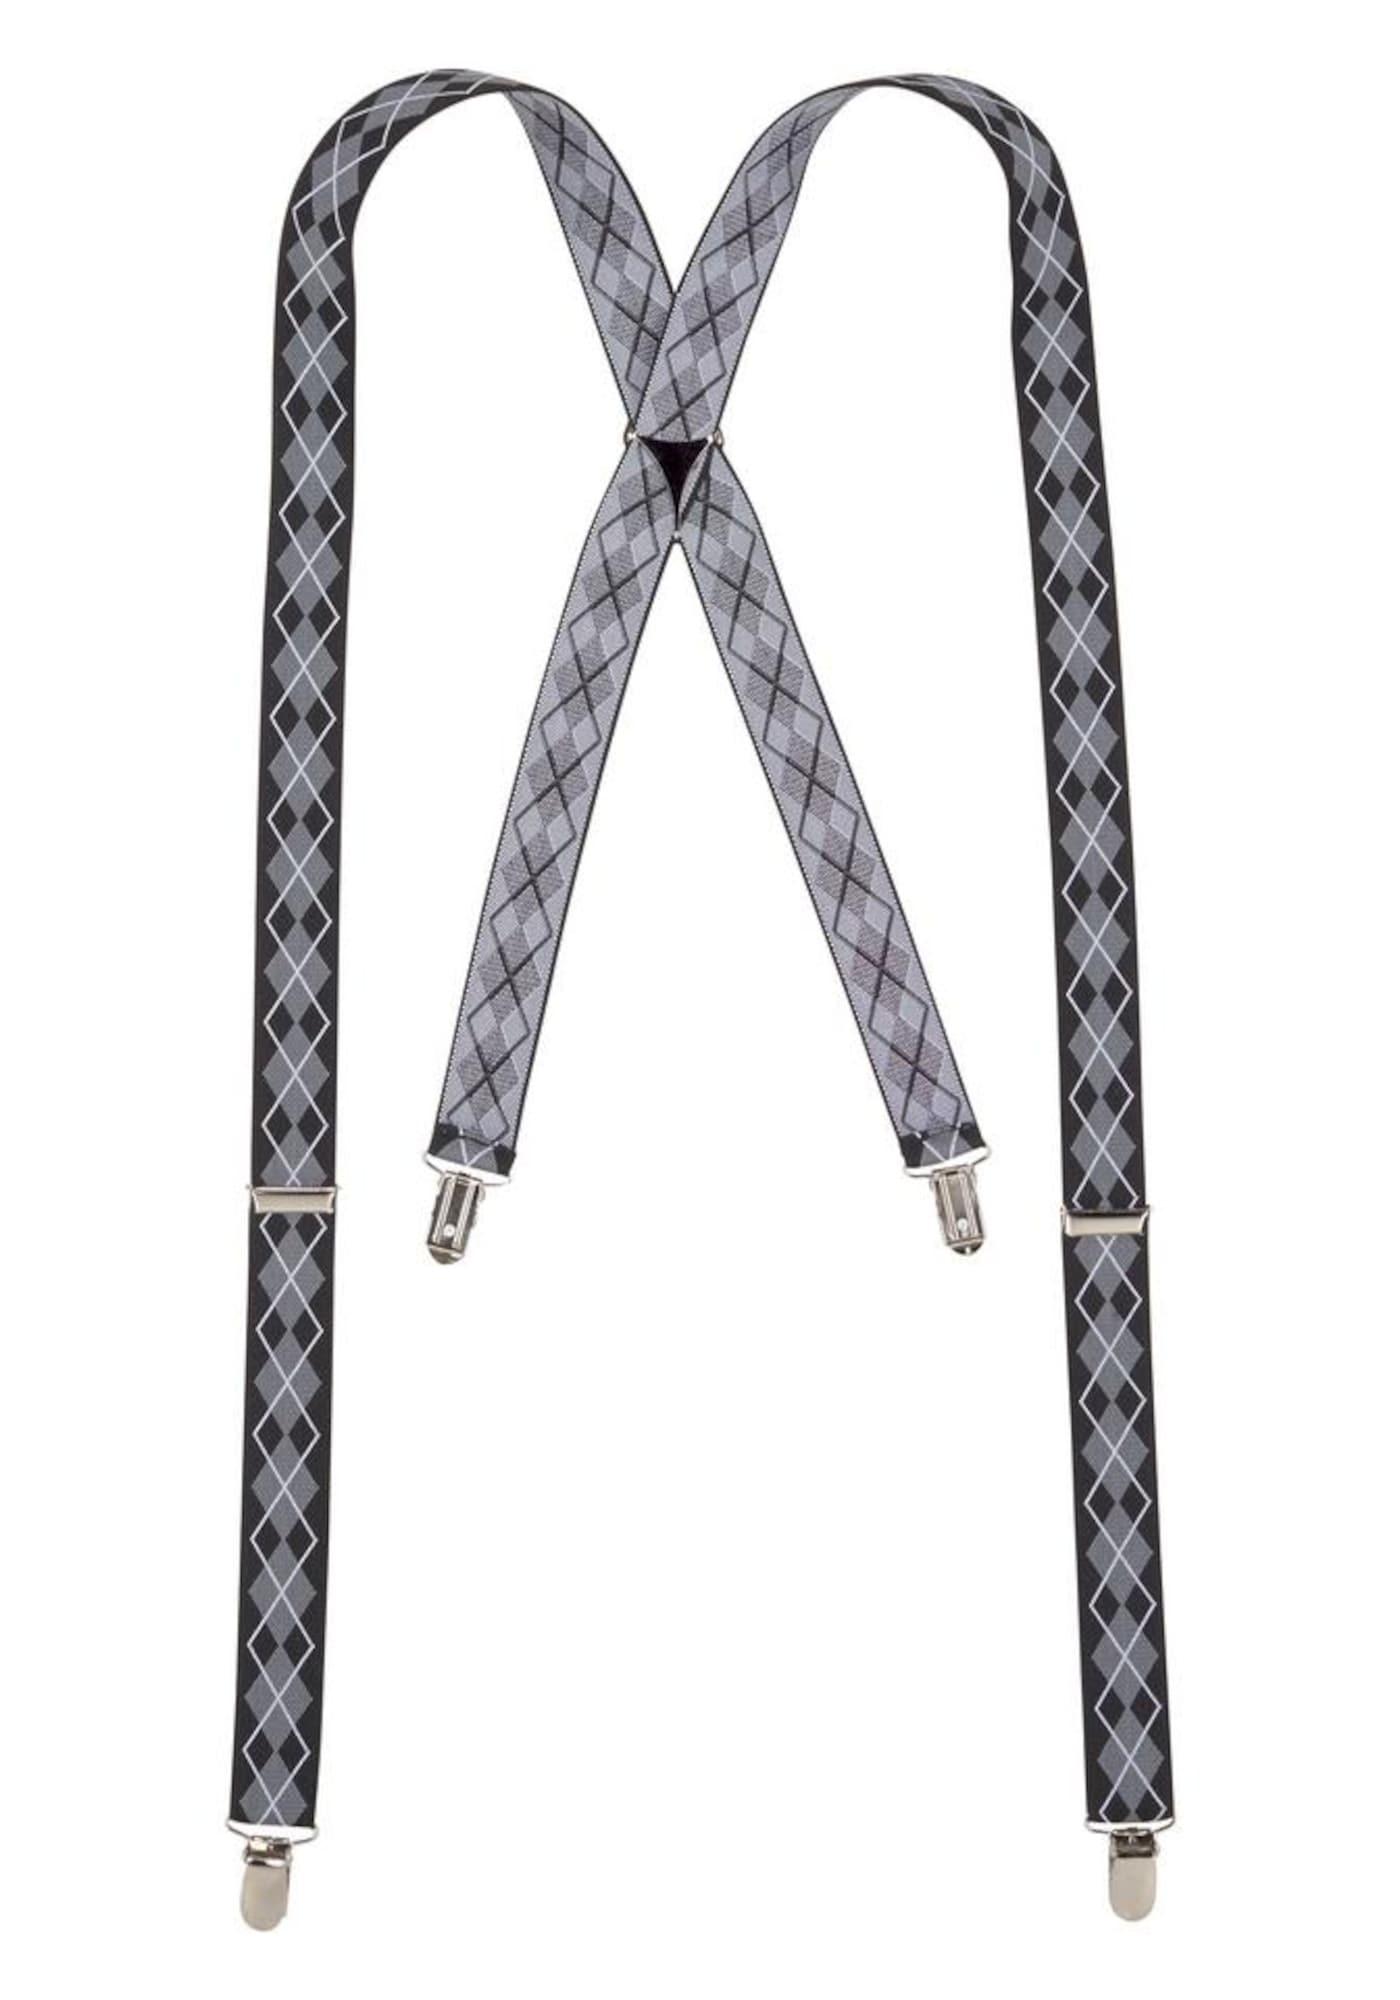 Hosenträger | Accessoires > Gürtel > Hosenträger | Grau - Schwarz - Weiß | J. Jayz